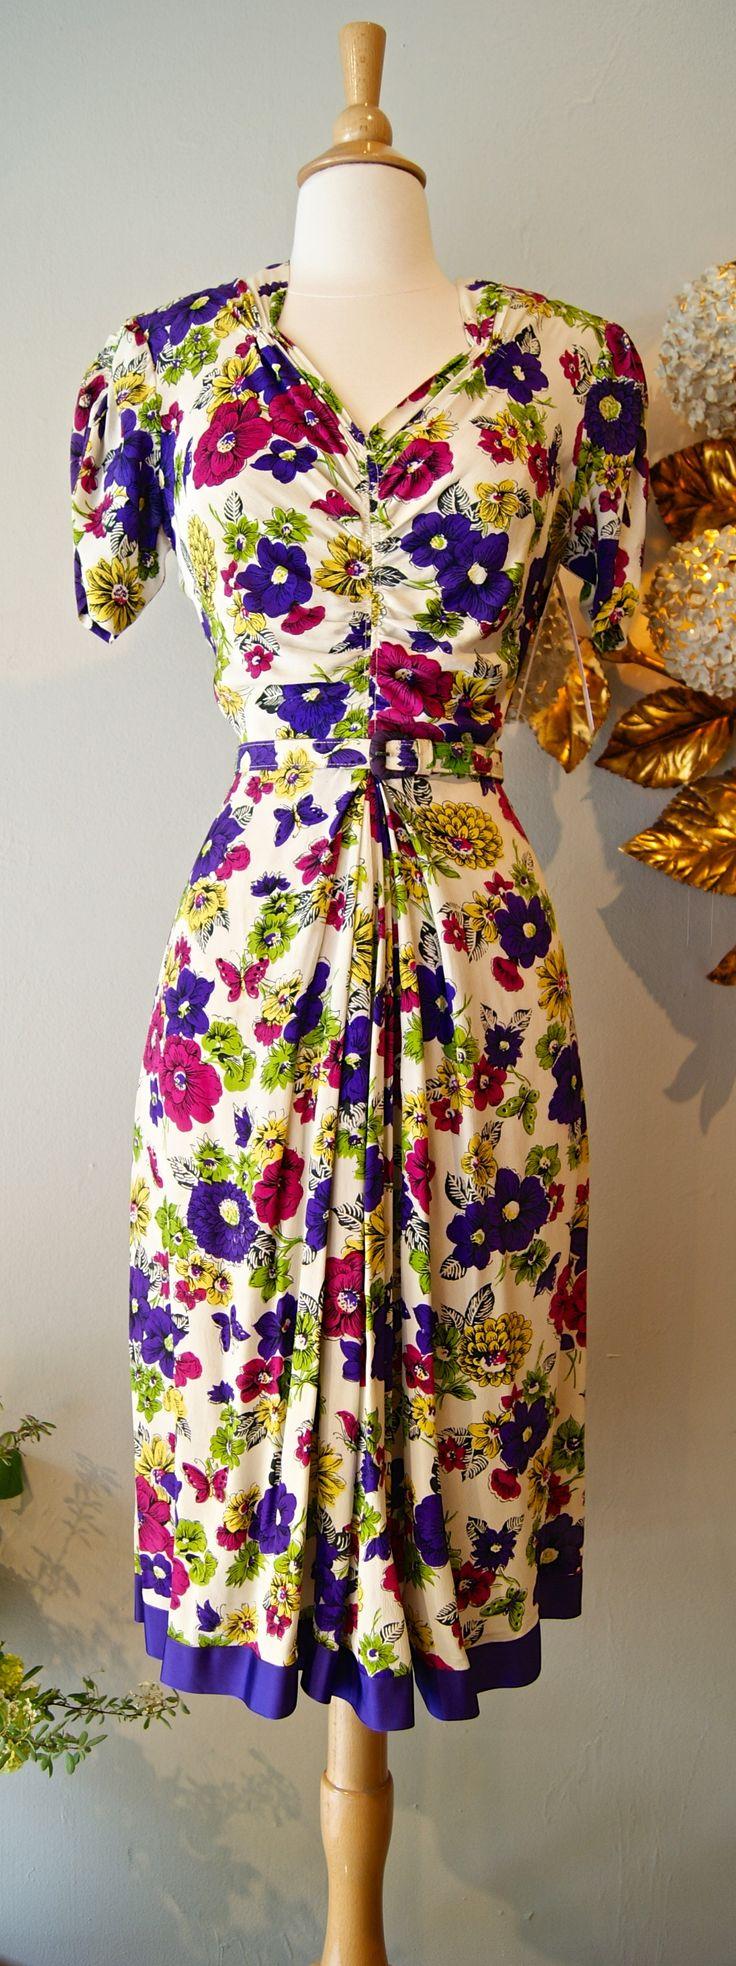 vintage dress / 1940s rayon print dress